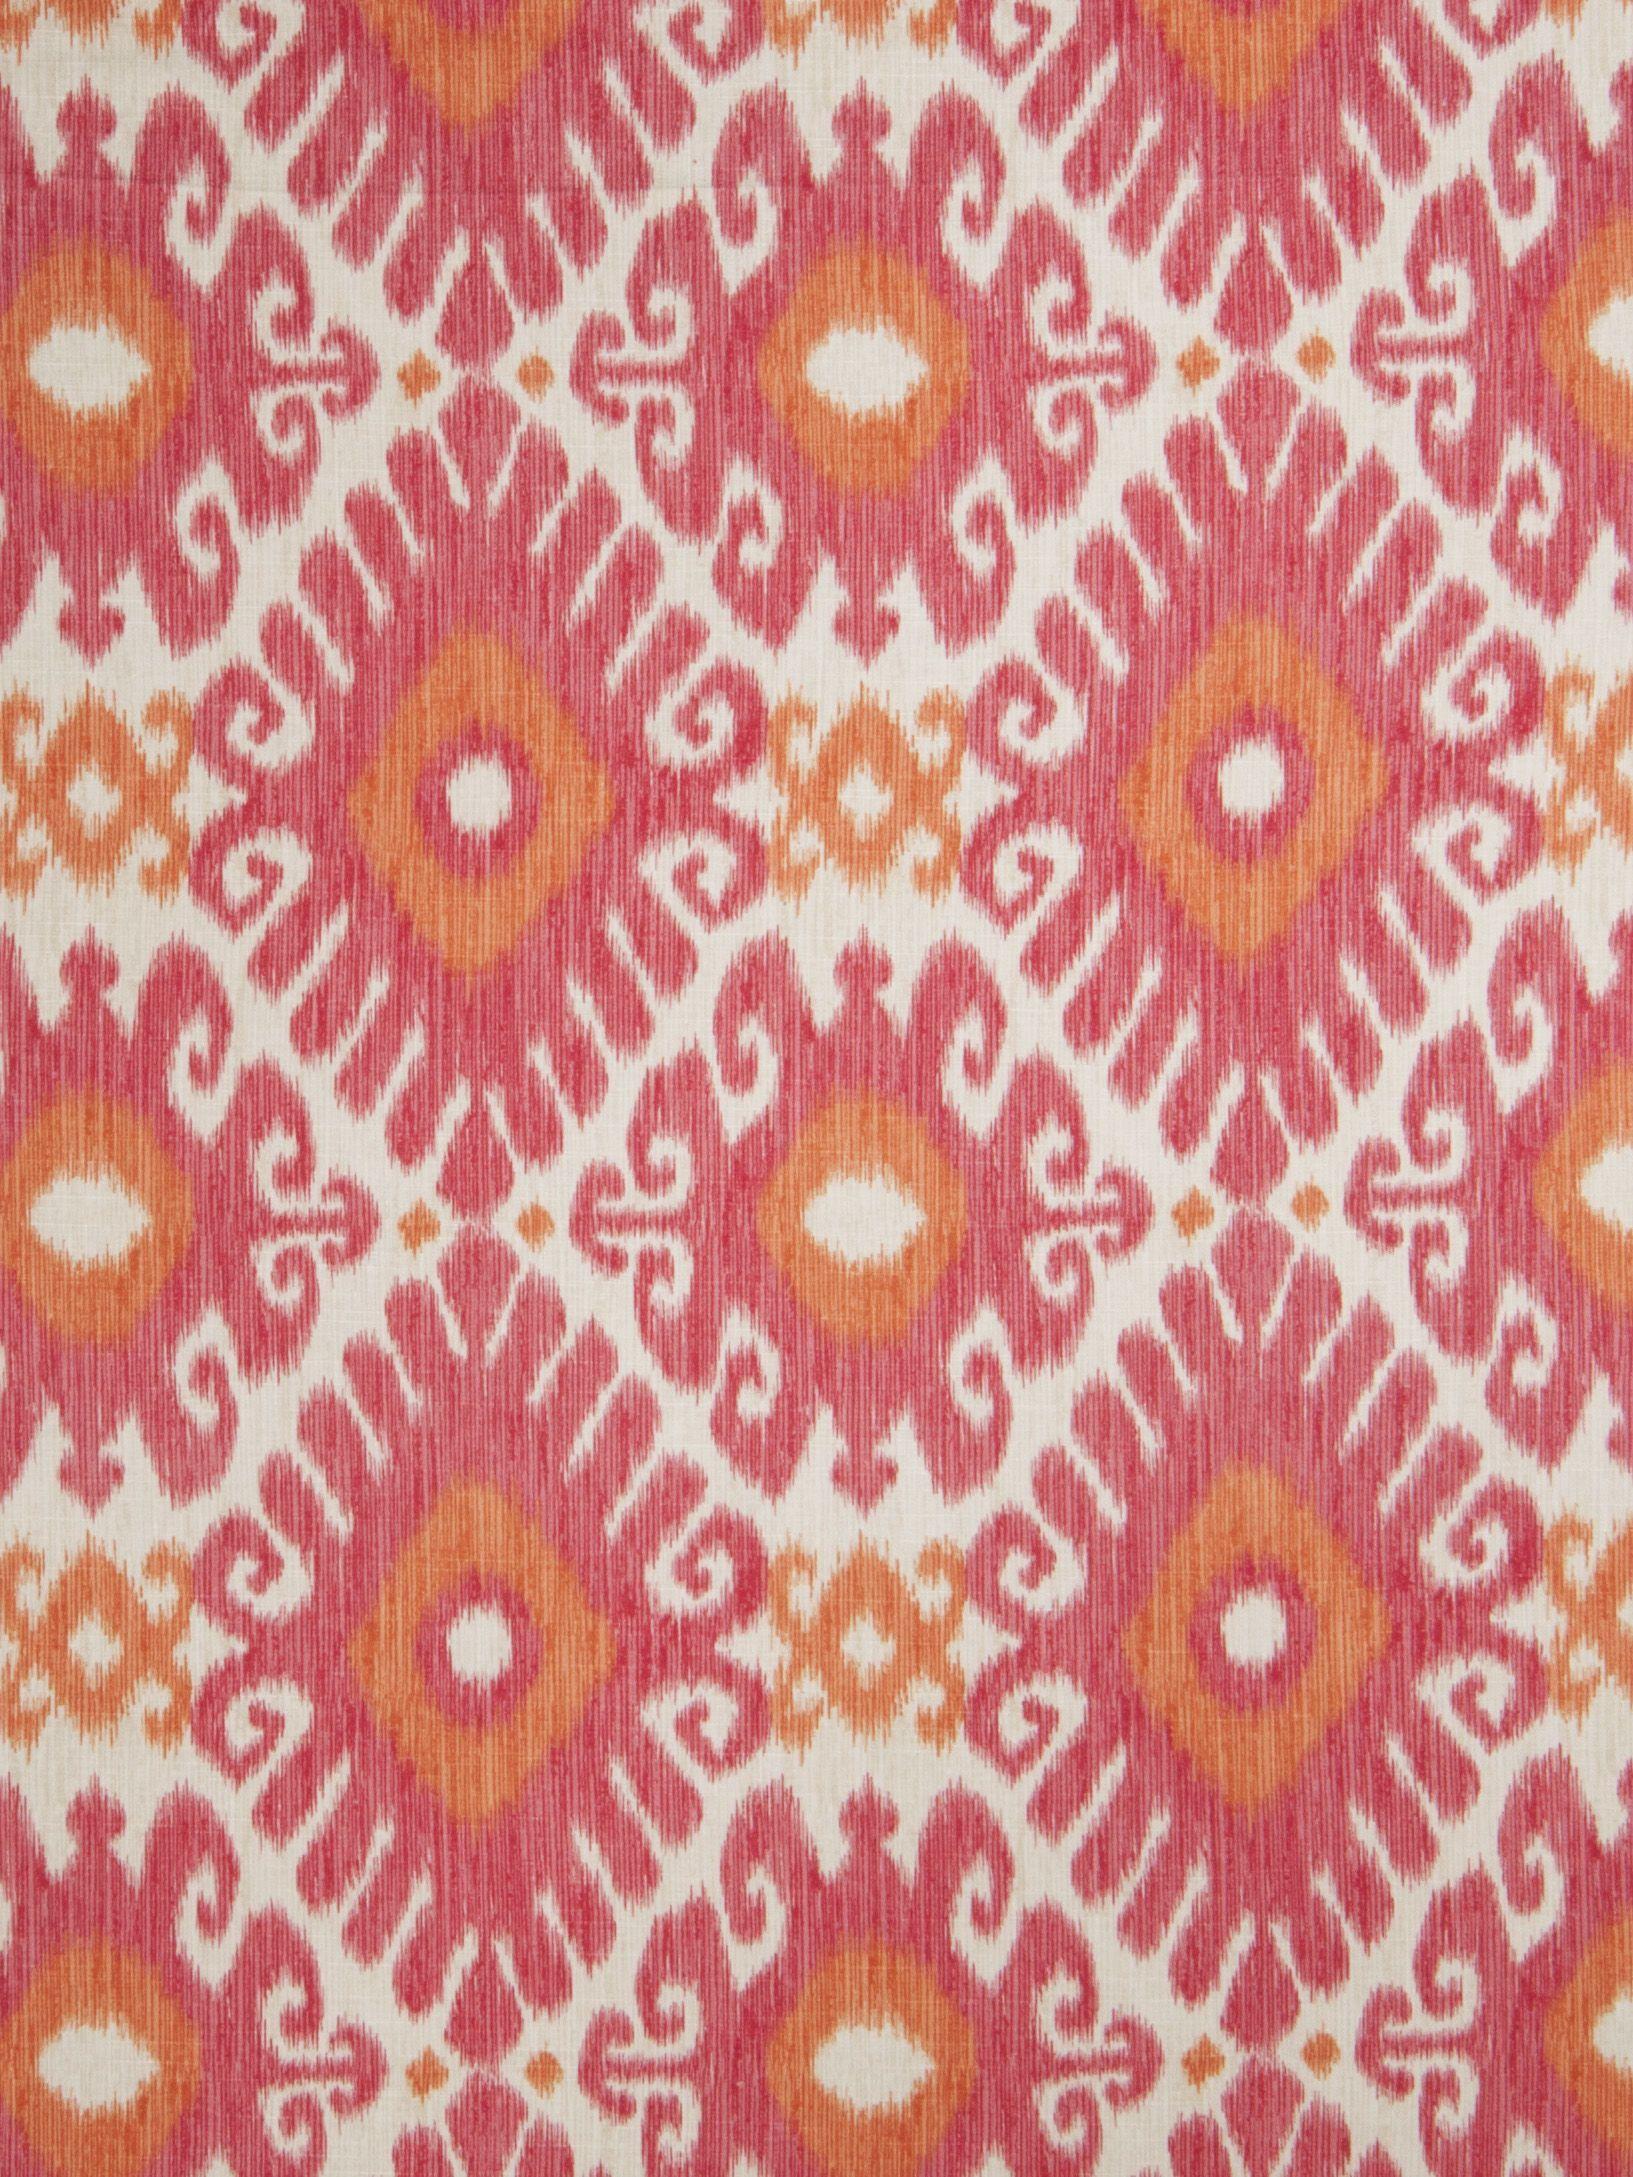 JoAnn Fabrics   Home Decor Print Fabric  Jaclyn Smith Ikat Rot Dove Gray